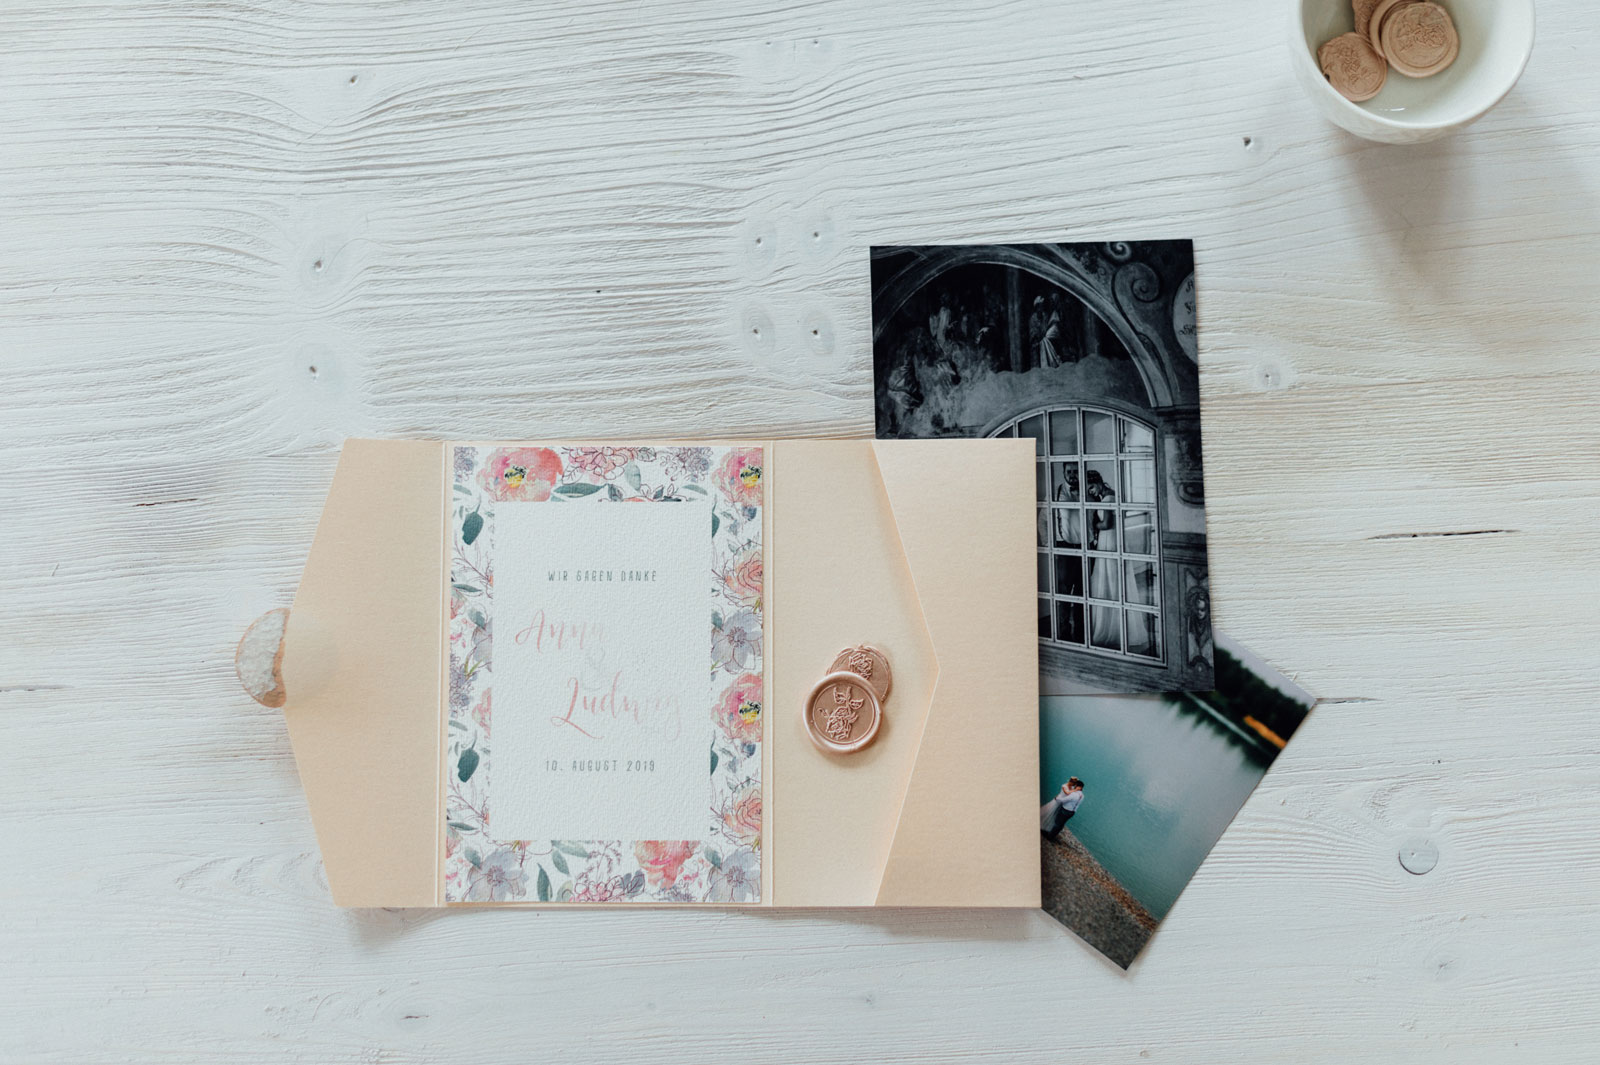 Frühling Blumen Dankeskarten Hochzeitskarten Hochzeitspapeterie Wachs Siegel Wiesenblumen Wasserfarben Aquarell Danksagungskarte Individuell Hochzeitsmotto Jahreszeiten